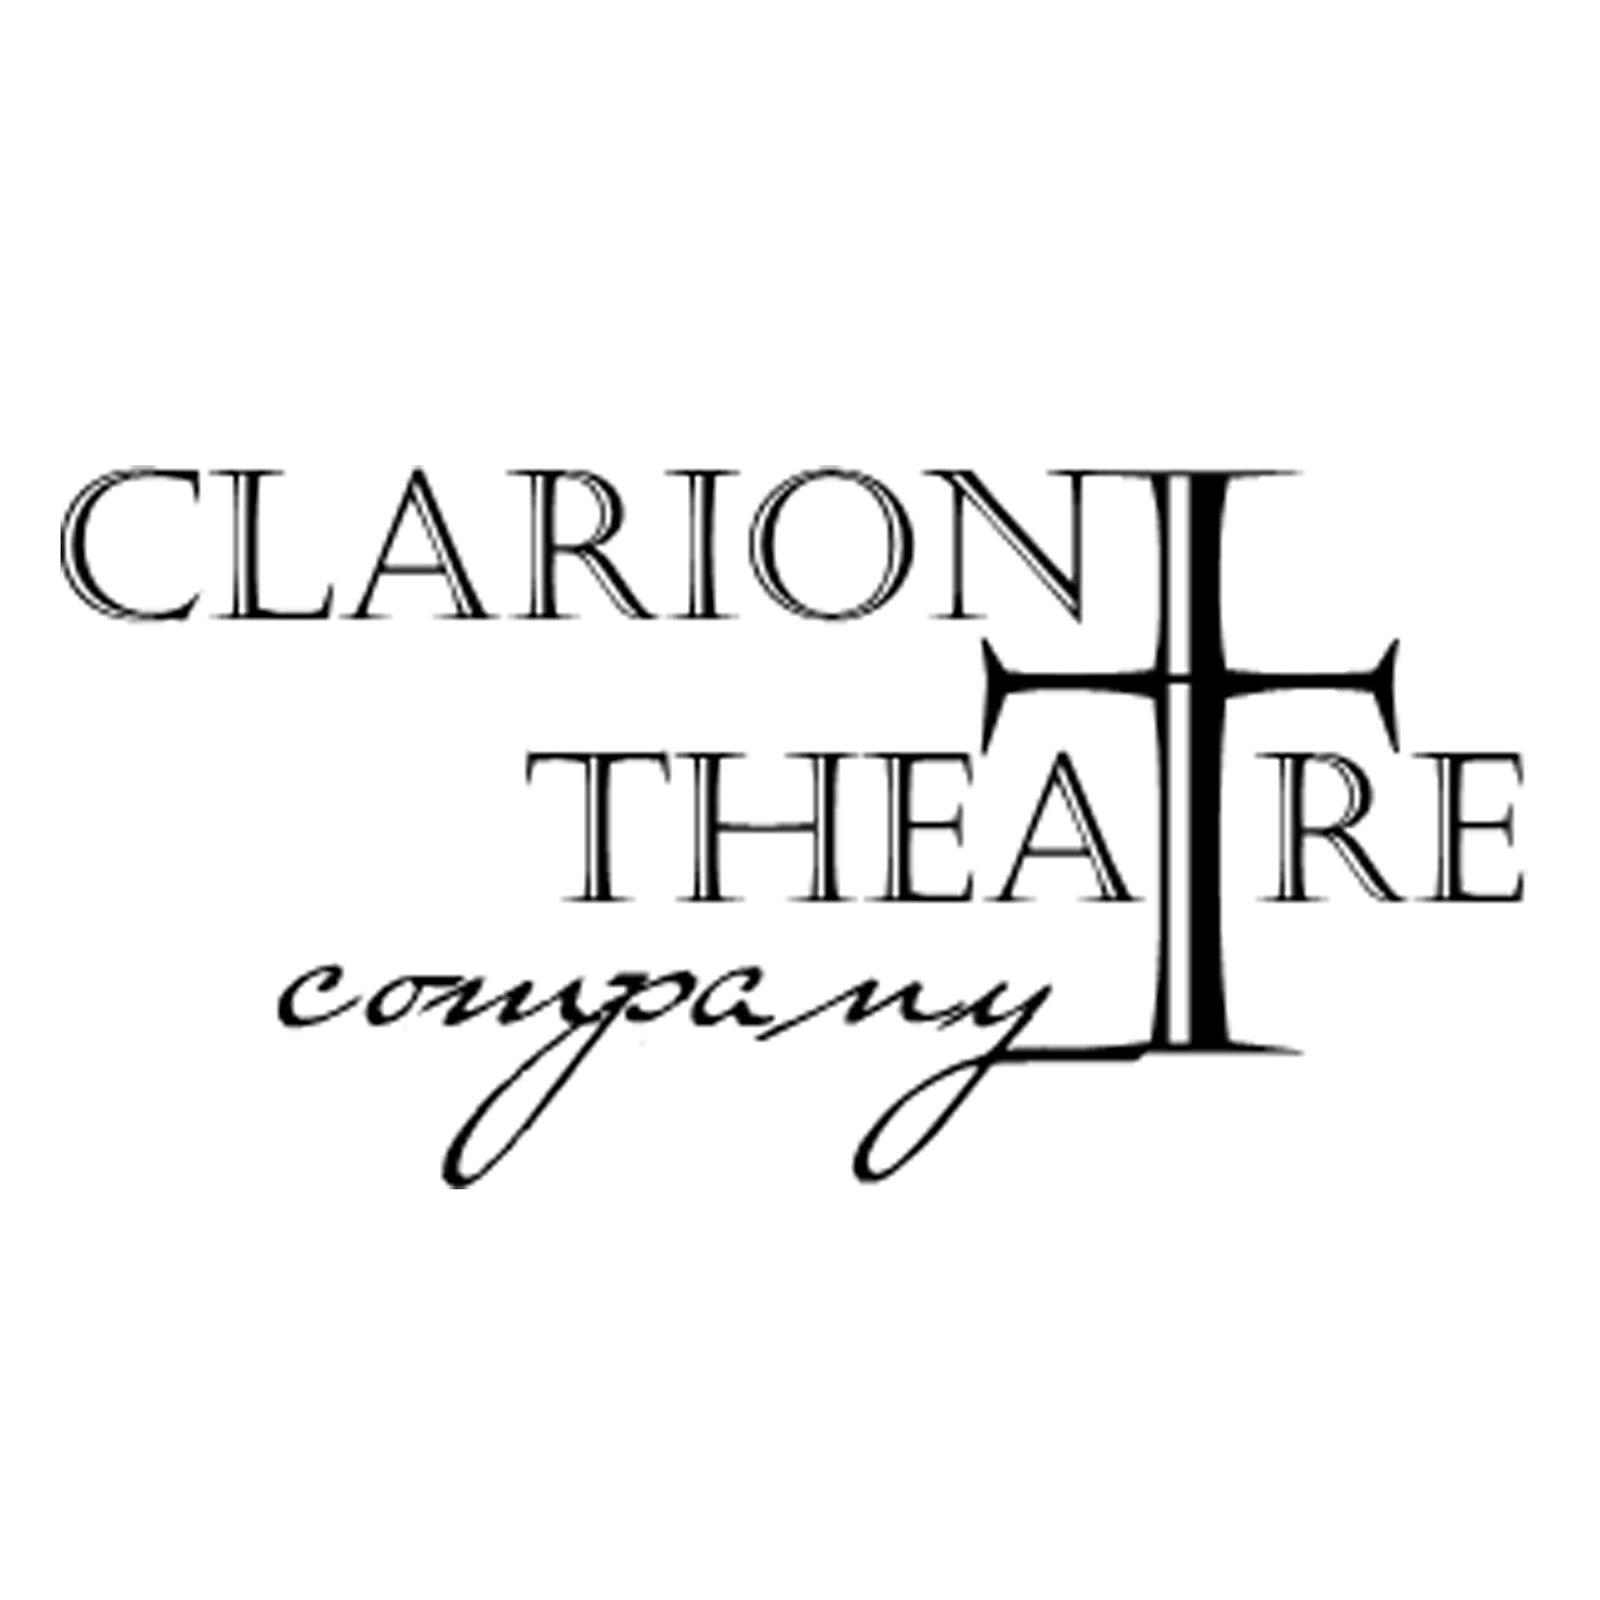 Clarion Theatre Company